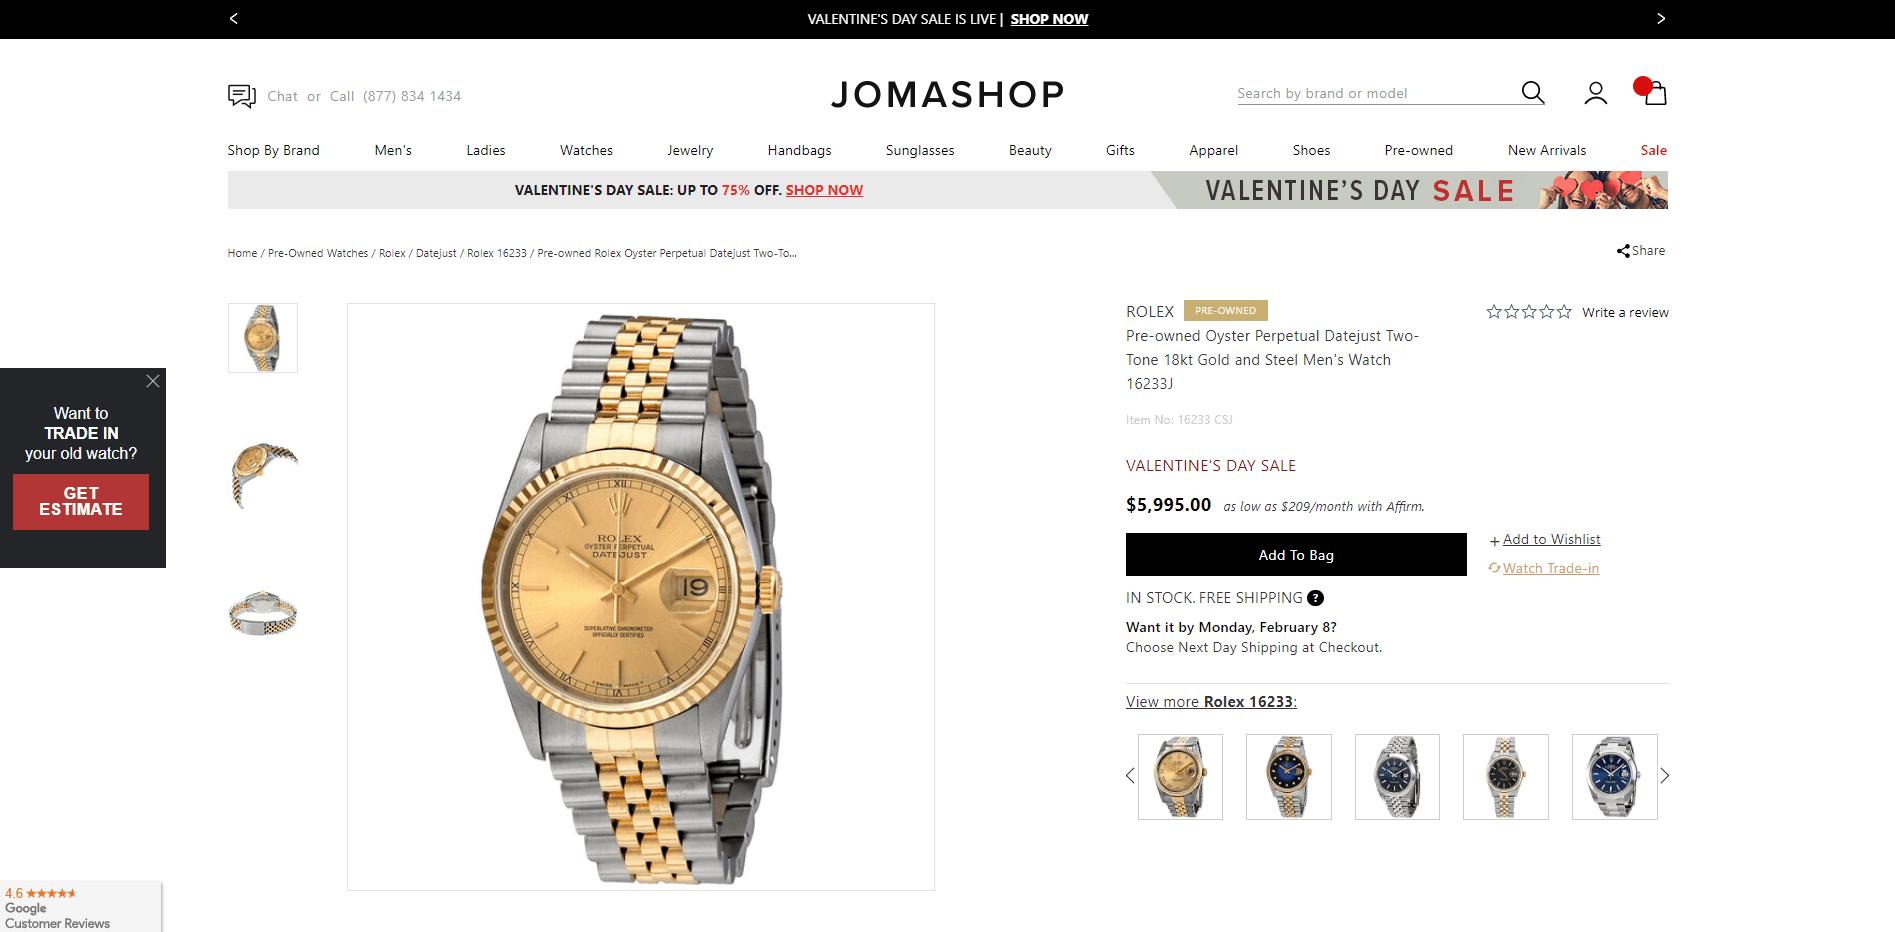 Jomashop là gì? Mua đồng hồ trên Jomashop có uy tín không?